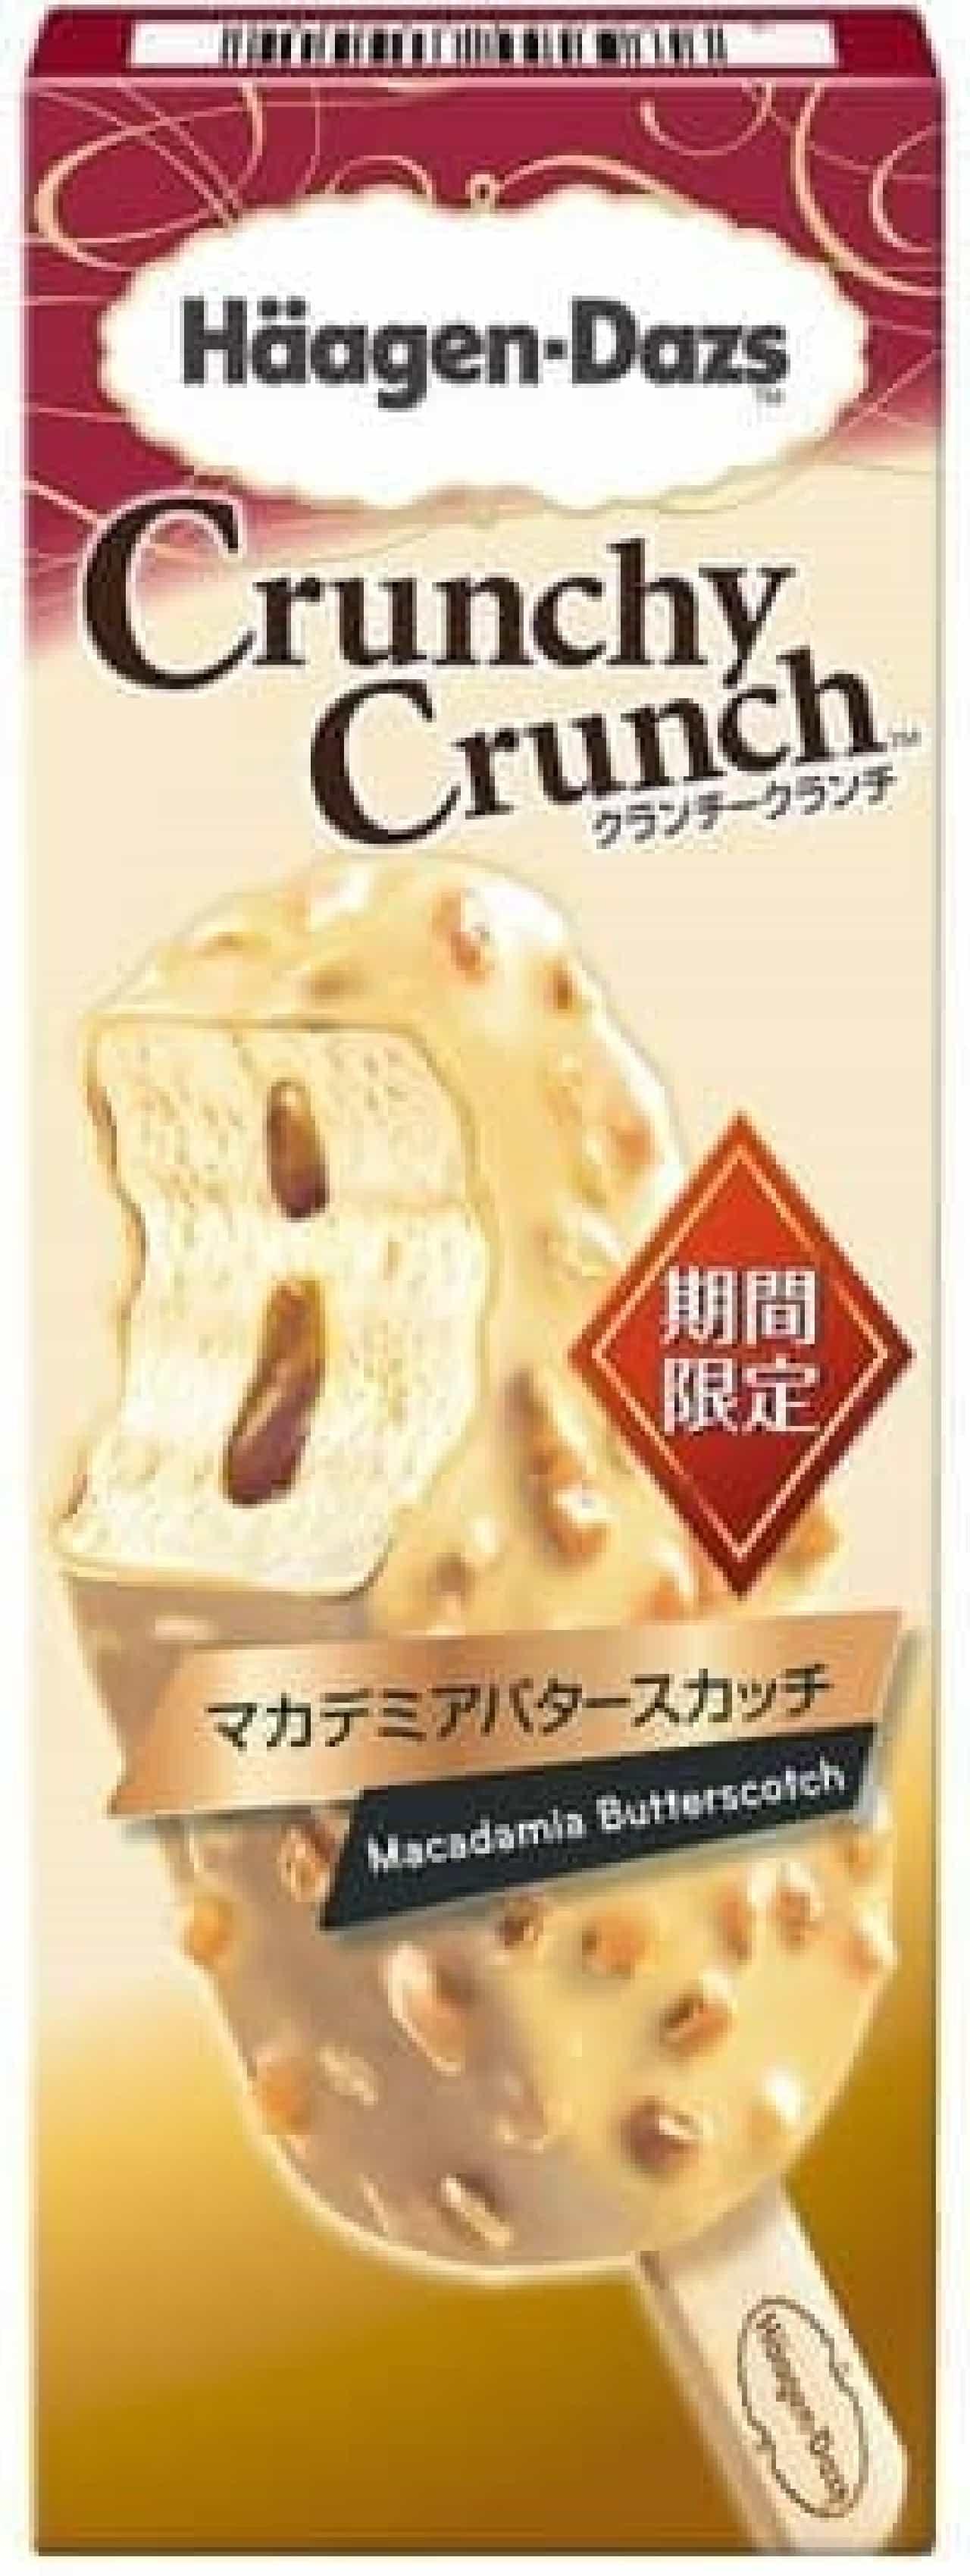 香ばしいマカデミアナッツ×濃厚なバタースカッチ